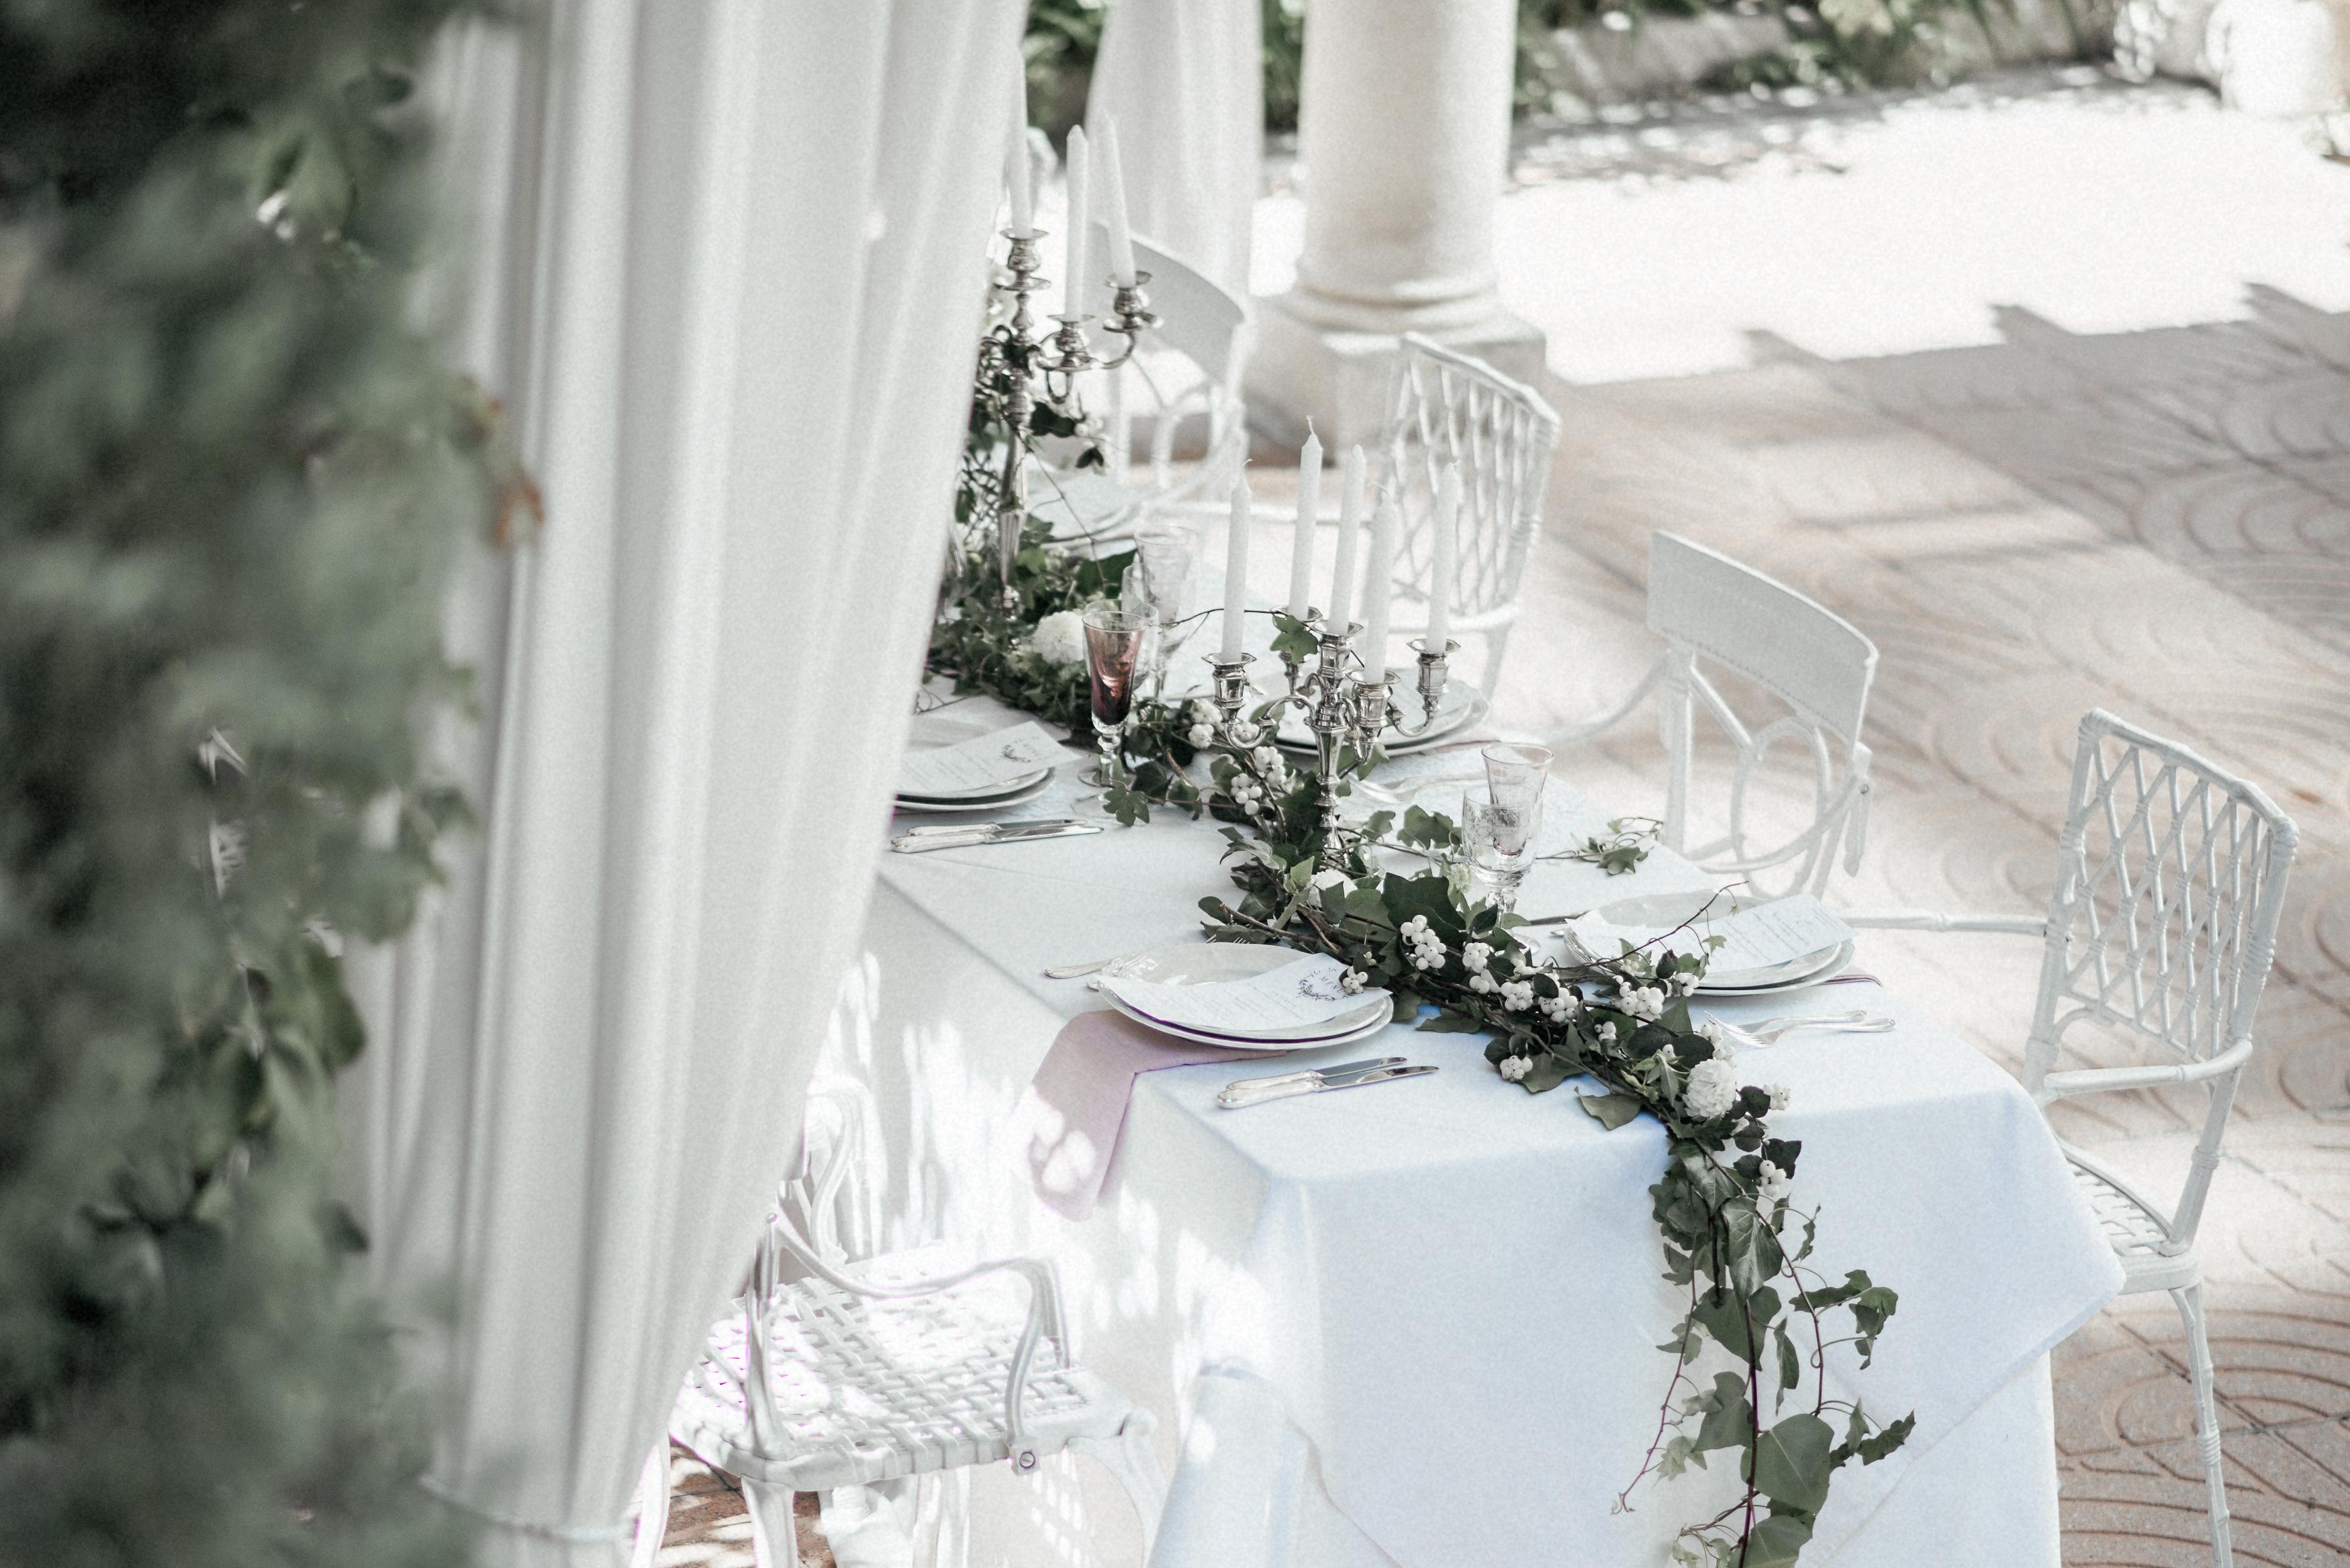 las mesas del miguel angel - quique magas - wedding style magazine